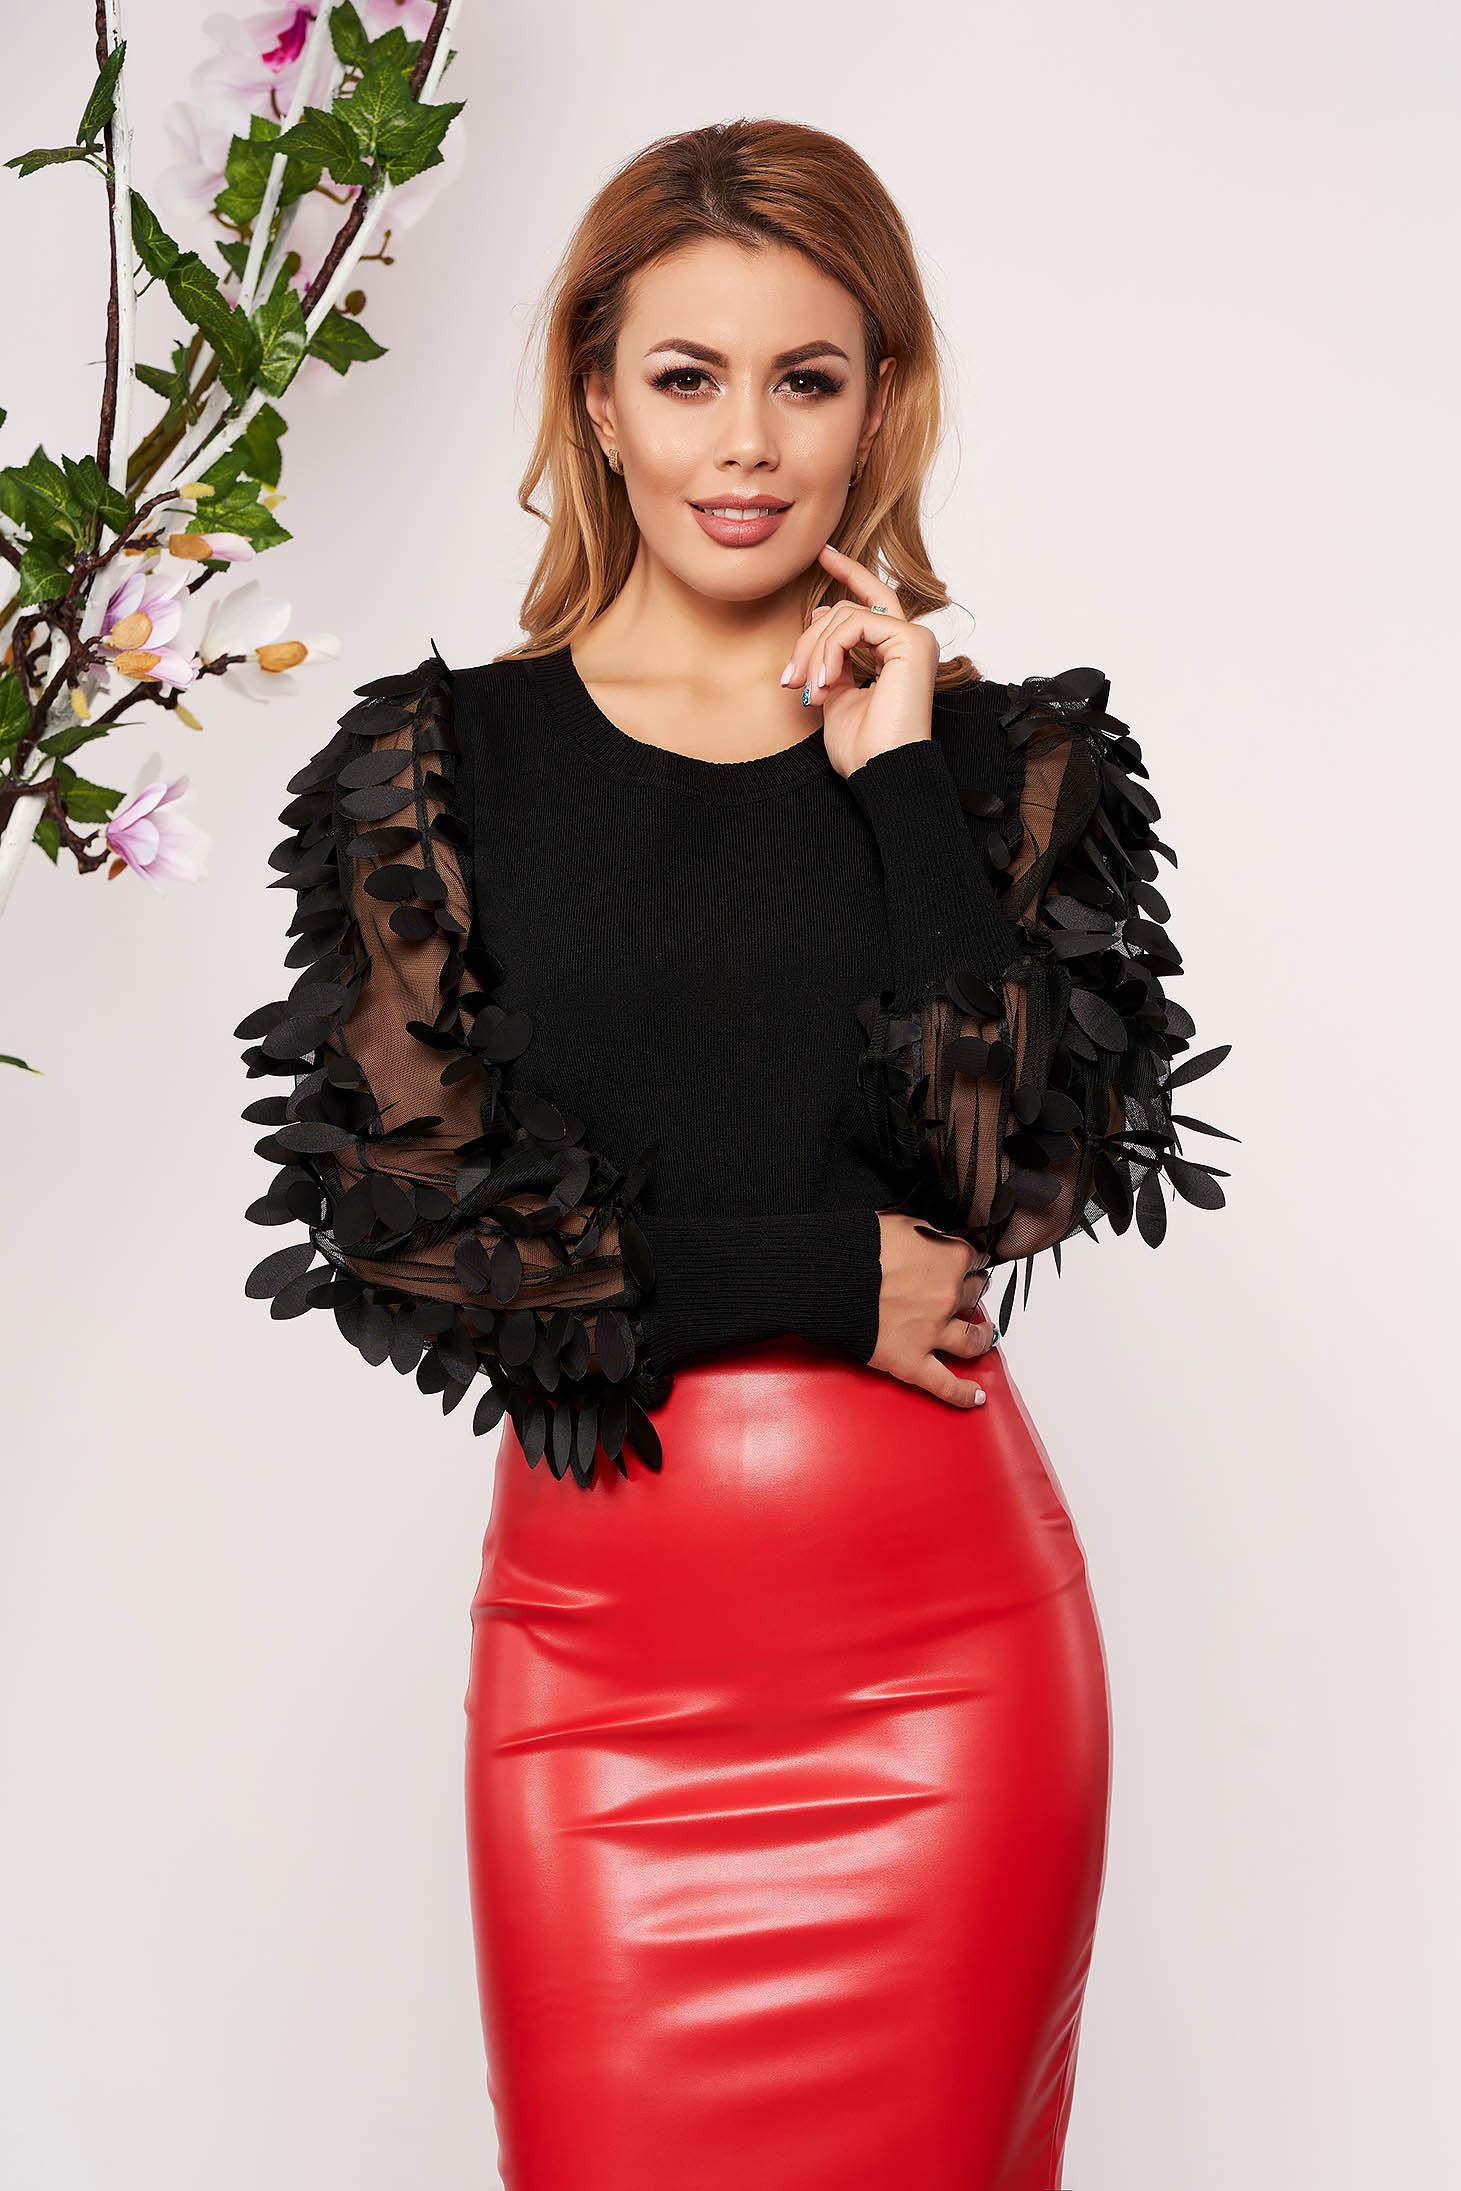 Bluza dama SunShine neagra eleganta tricotata scurta mulata cu aplicatii florale 3D cu decolteu la baza gatului si maneci lungi